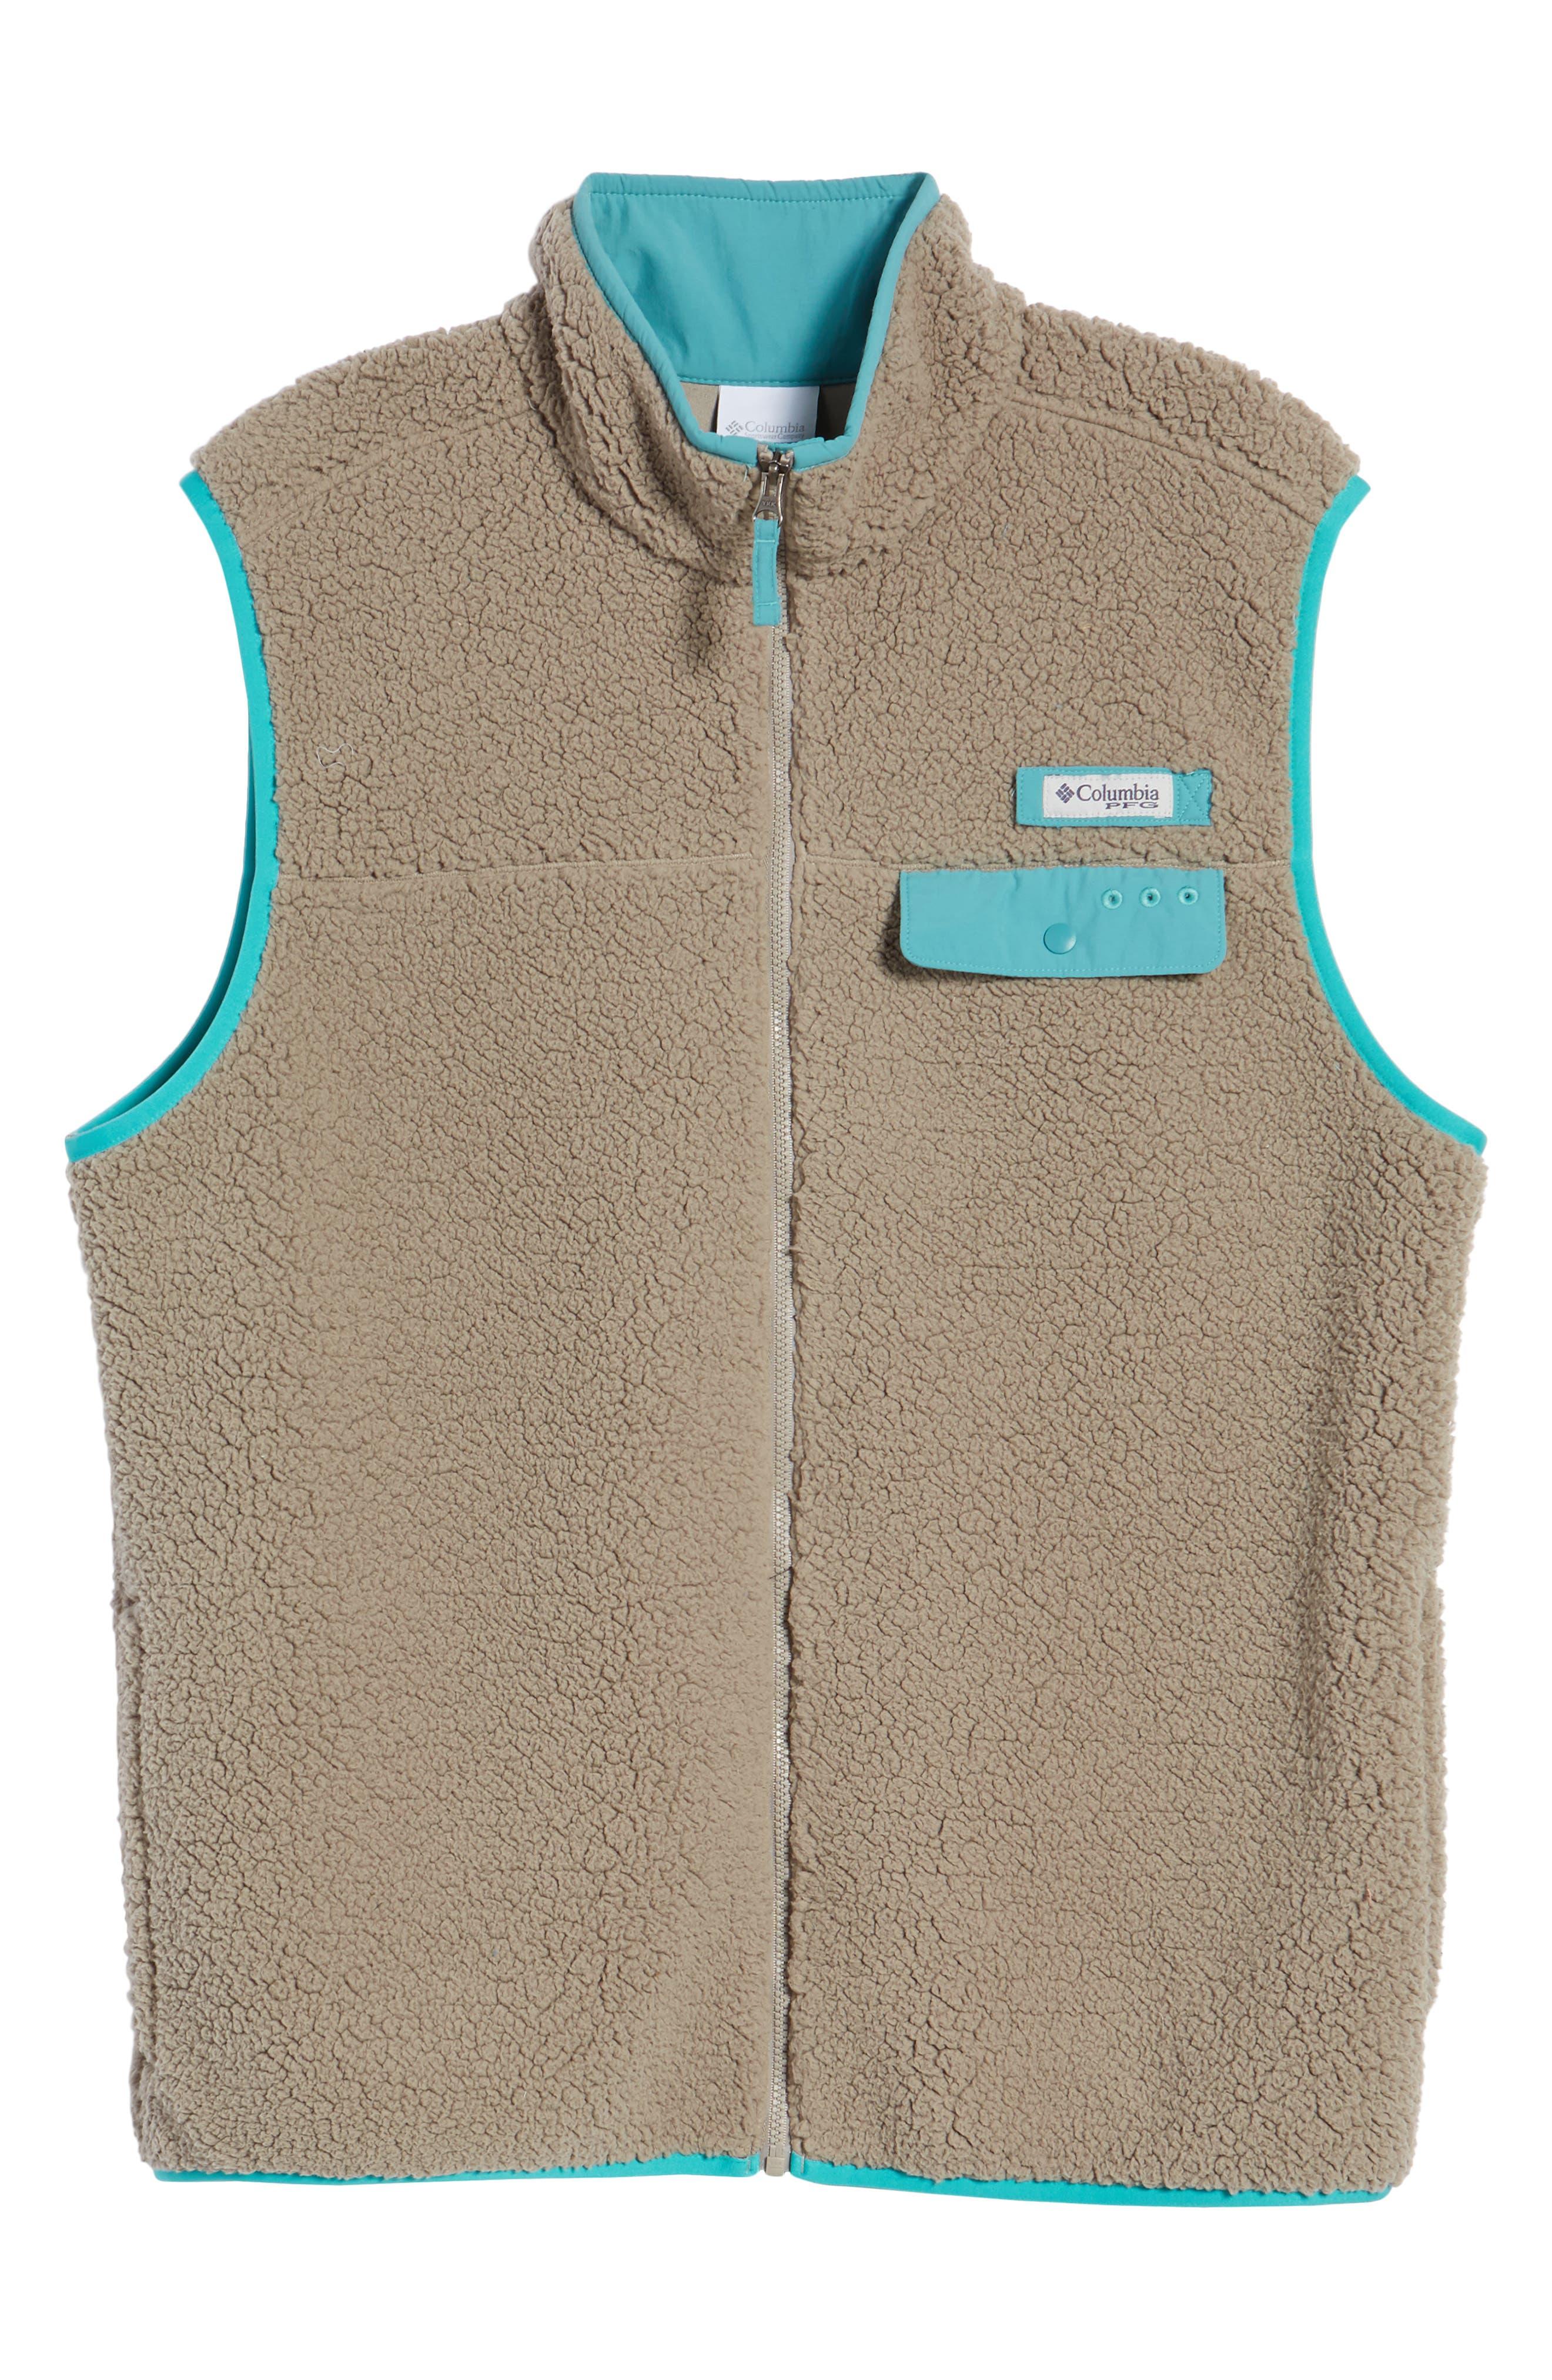 Sportswear Harborside Heavyweight Fleece Vest,                             Alternate thumbnail 6, color,                             Kettle/ Teal